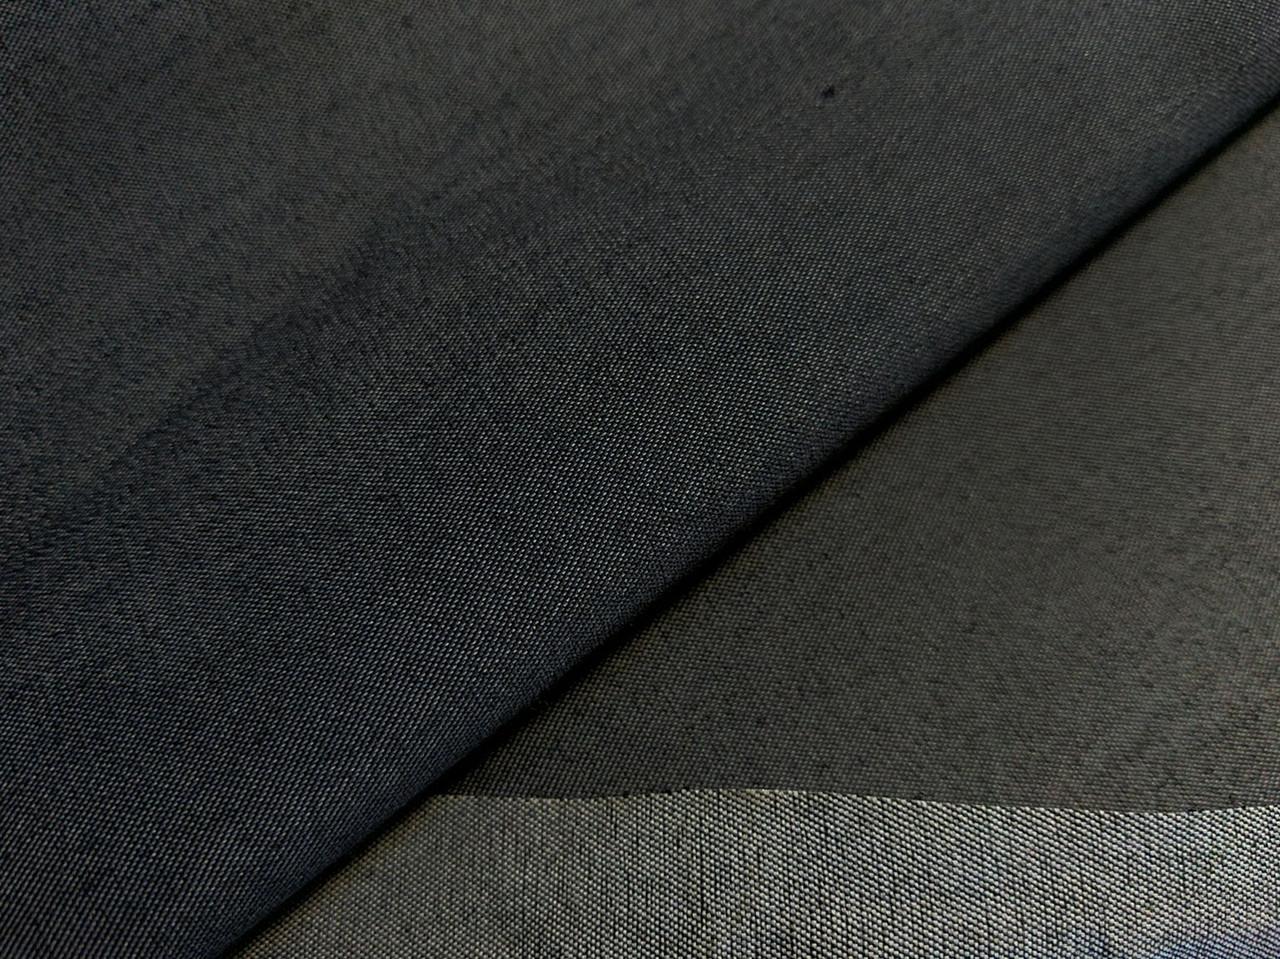 Джинс тенсел полированый, черный